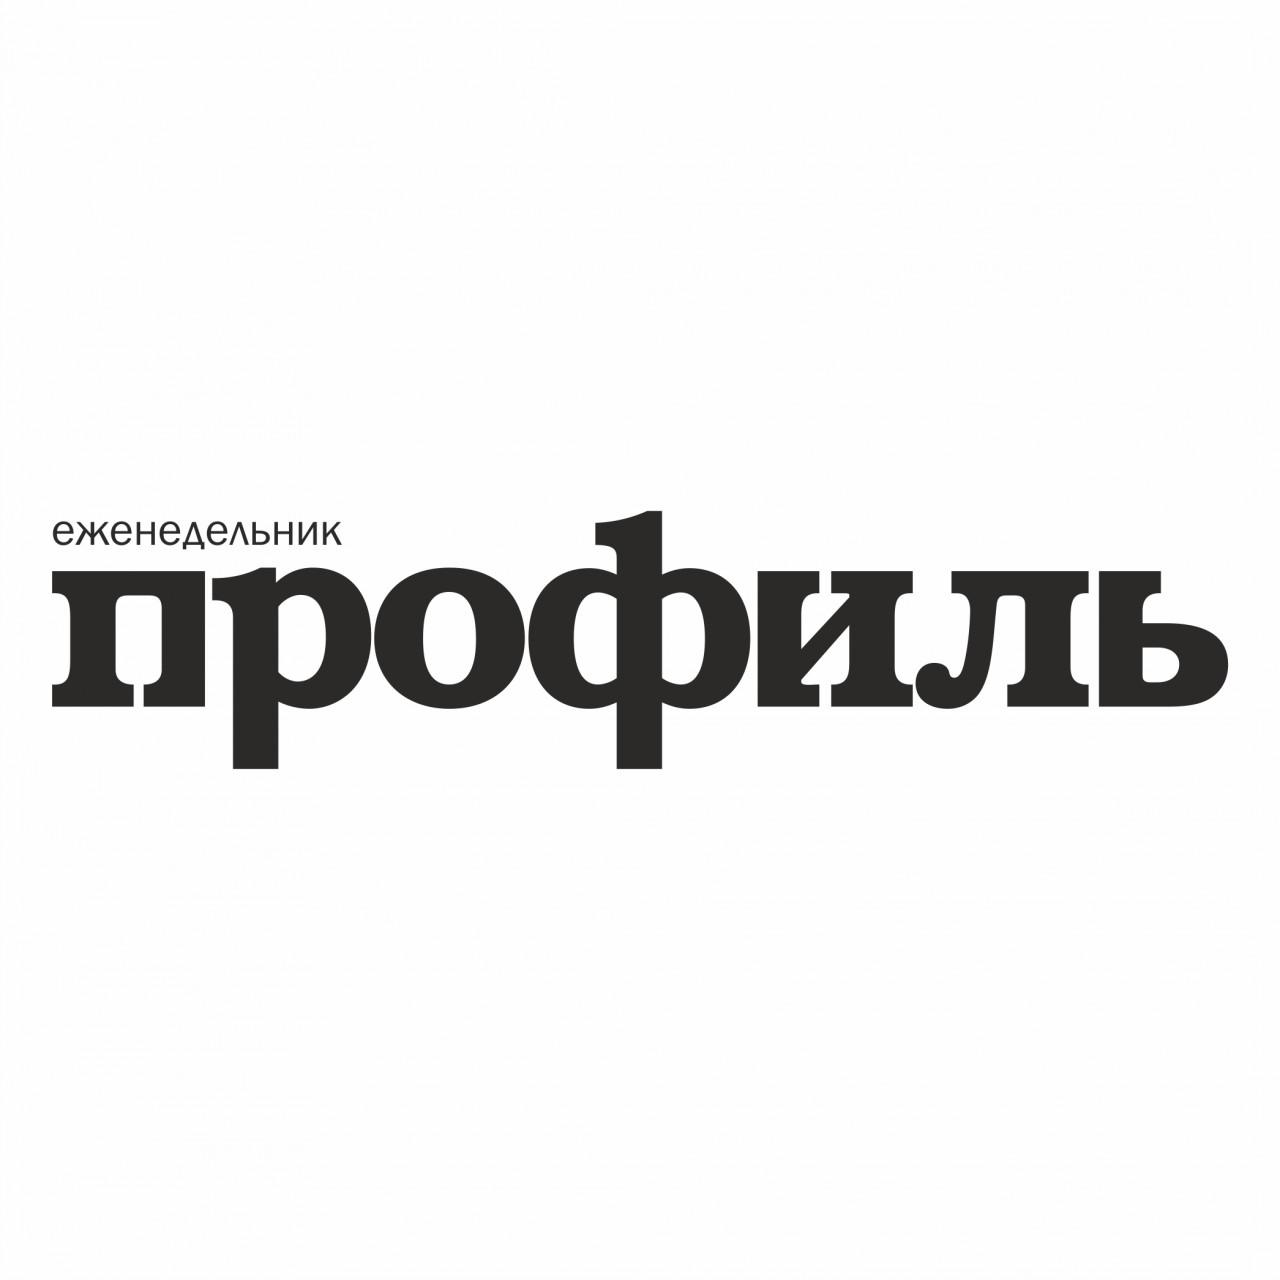 Депутат Верховной рады пожаловался на утрату Украиной суверенитета